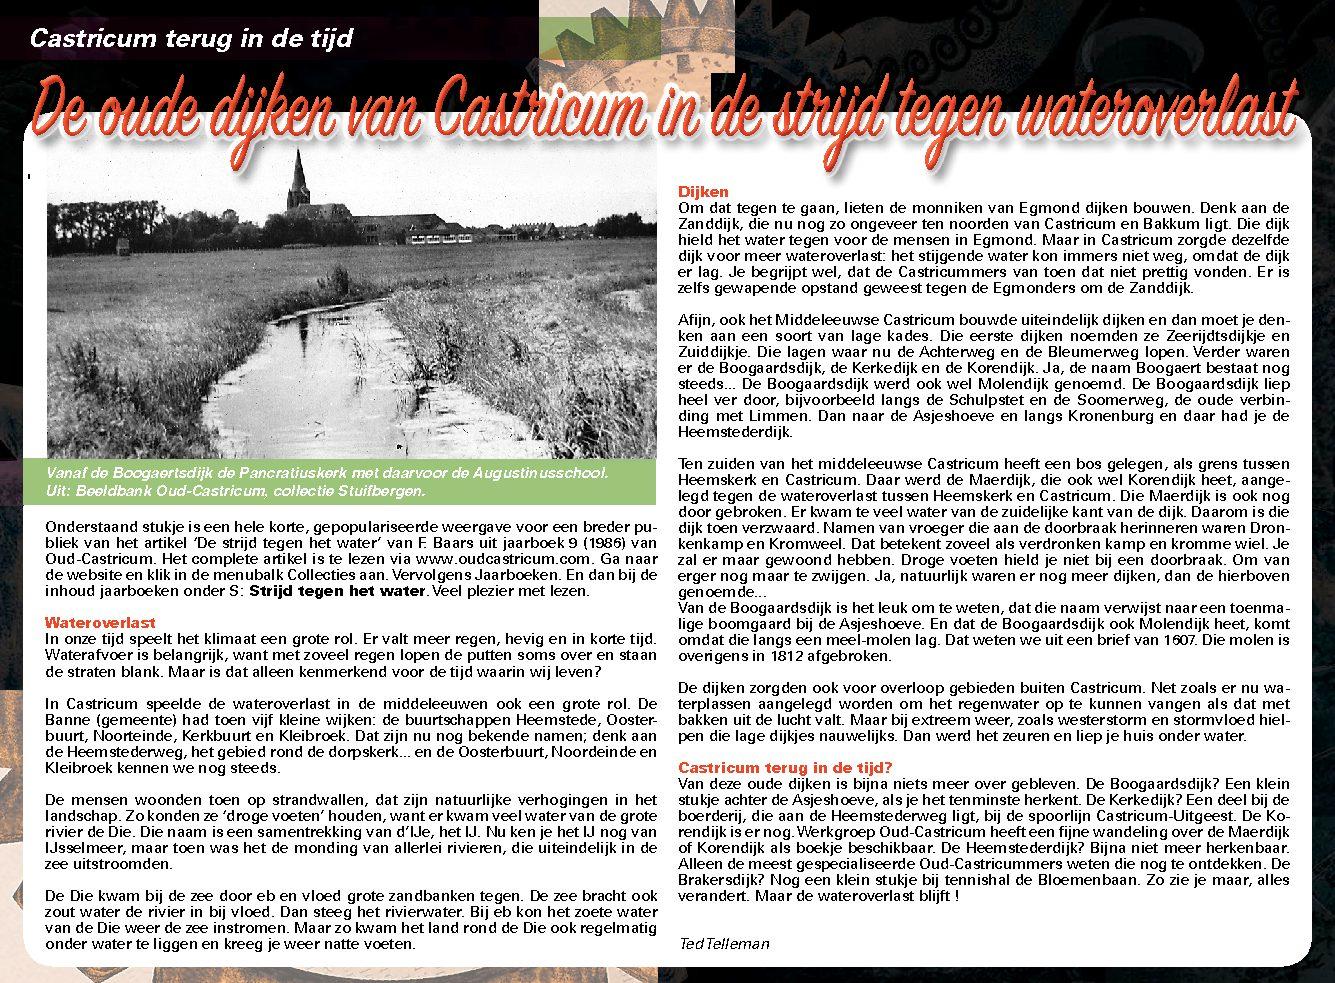 De oude dijken van Castricum in de strijd tegen wateroverlast